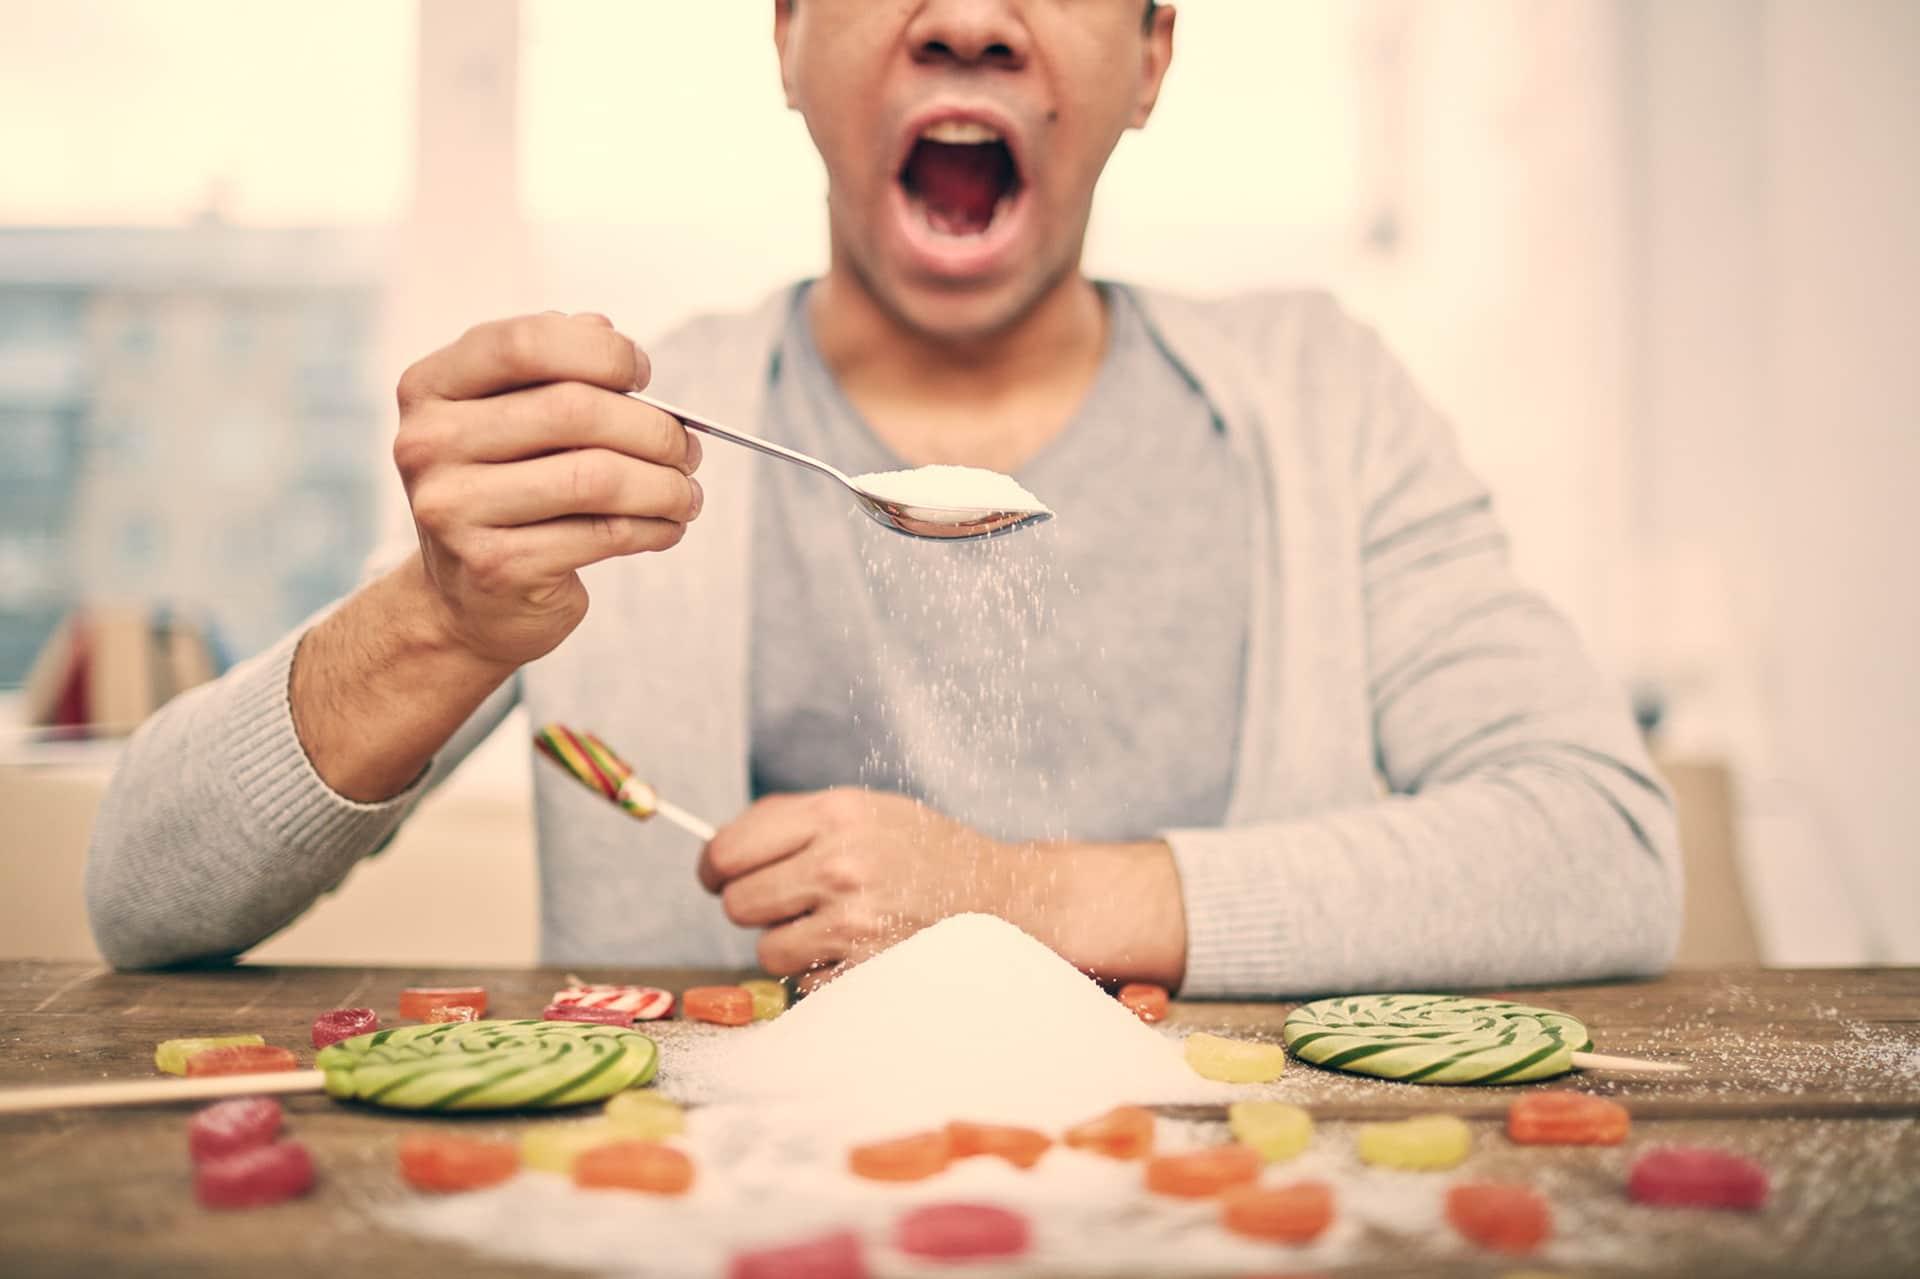 Persona comiendo azúcar